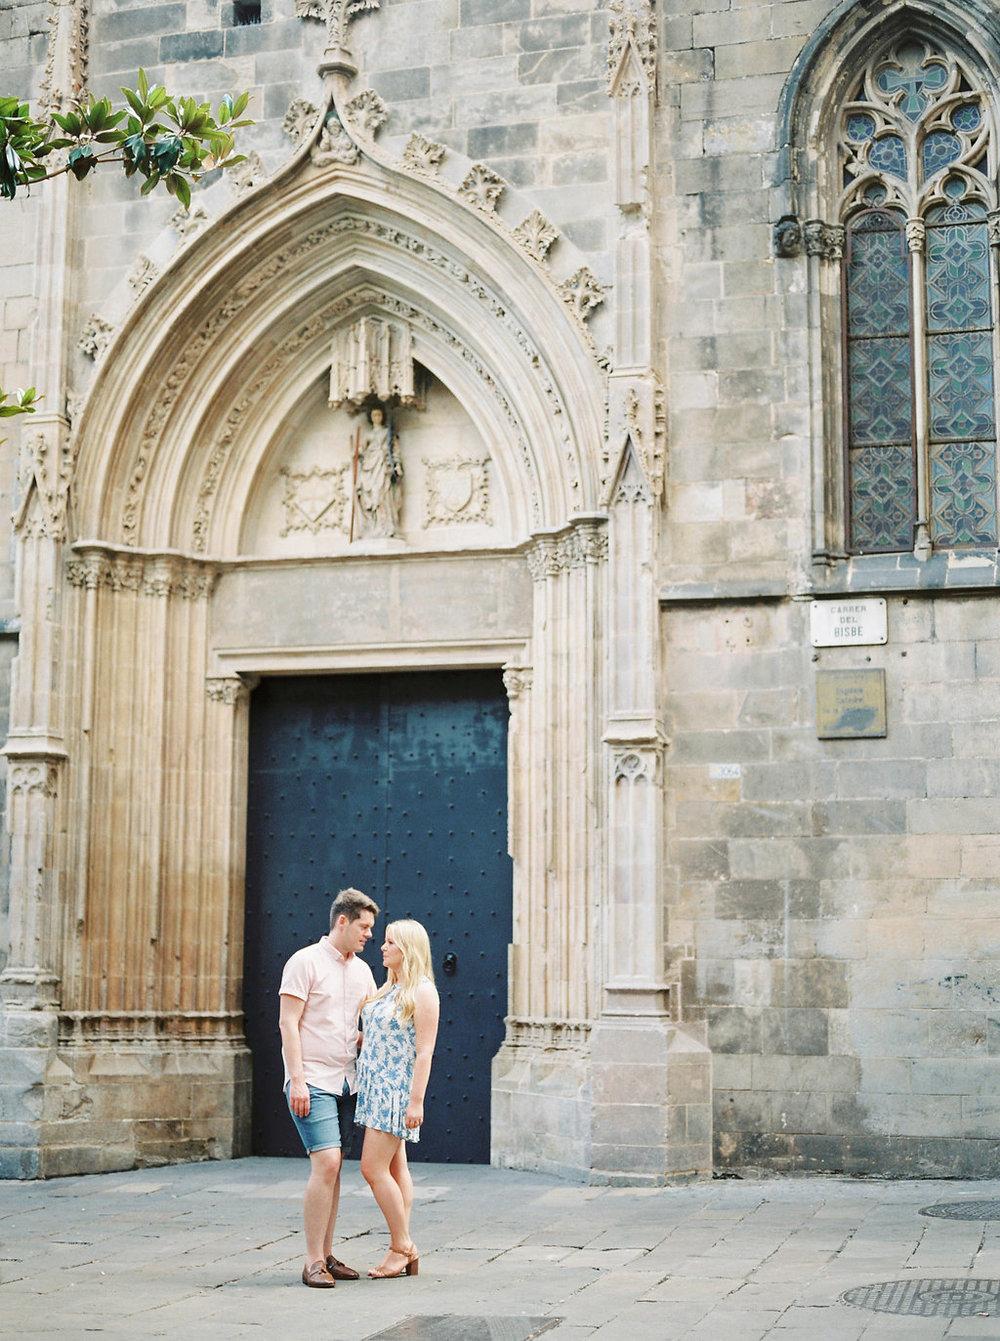 LUKE & AMY - BARCELONA PRE-WEDDING SHOOT